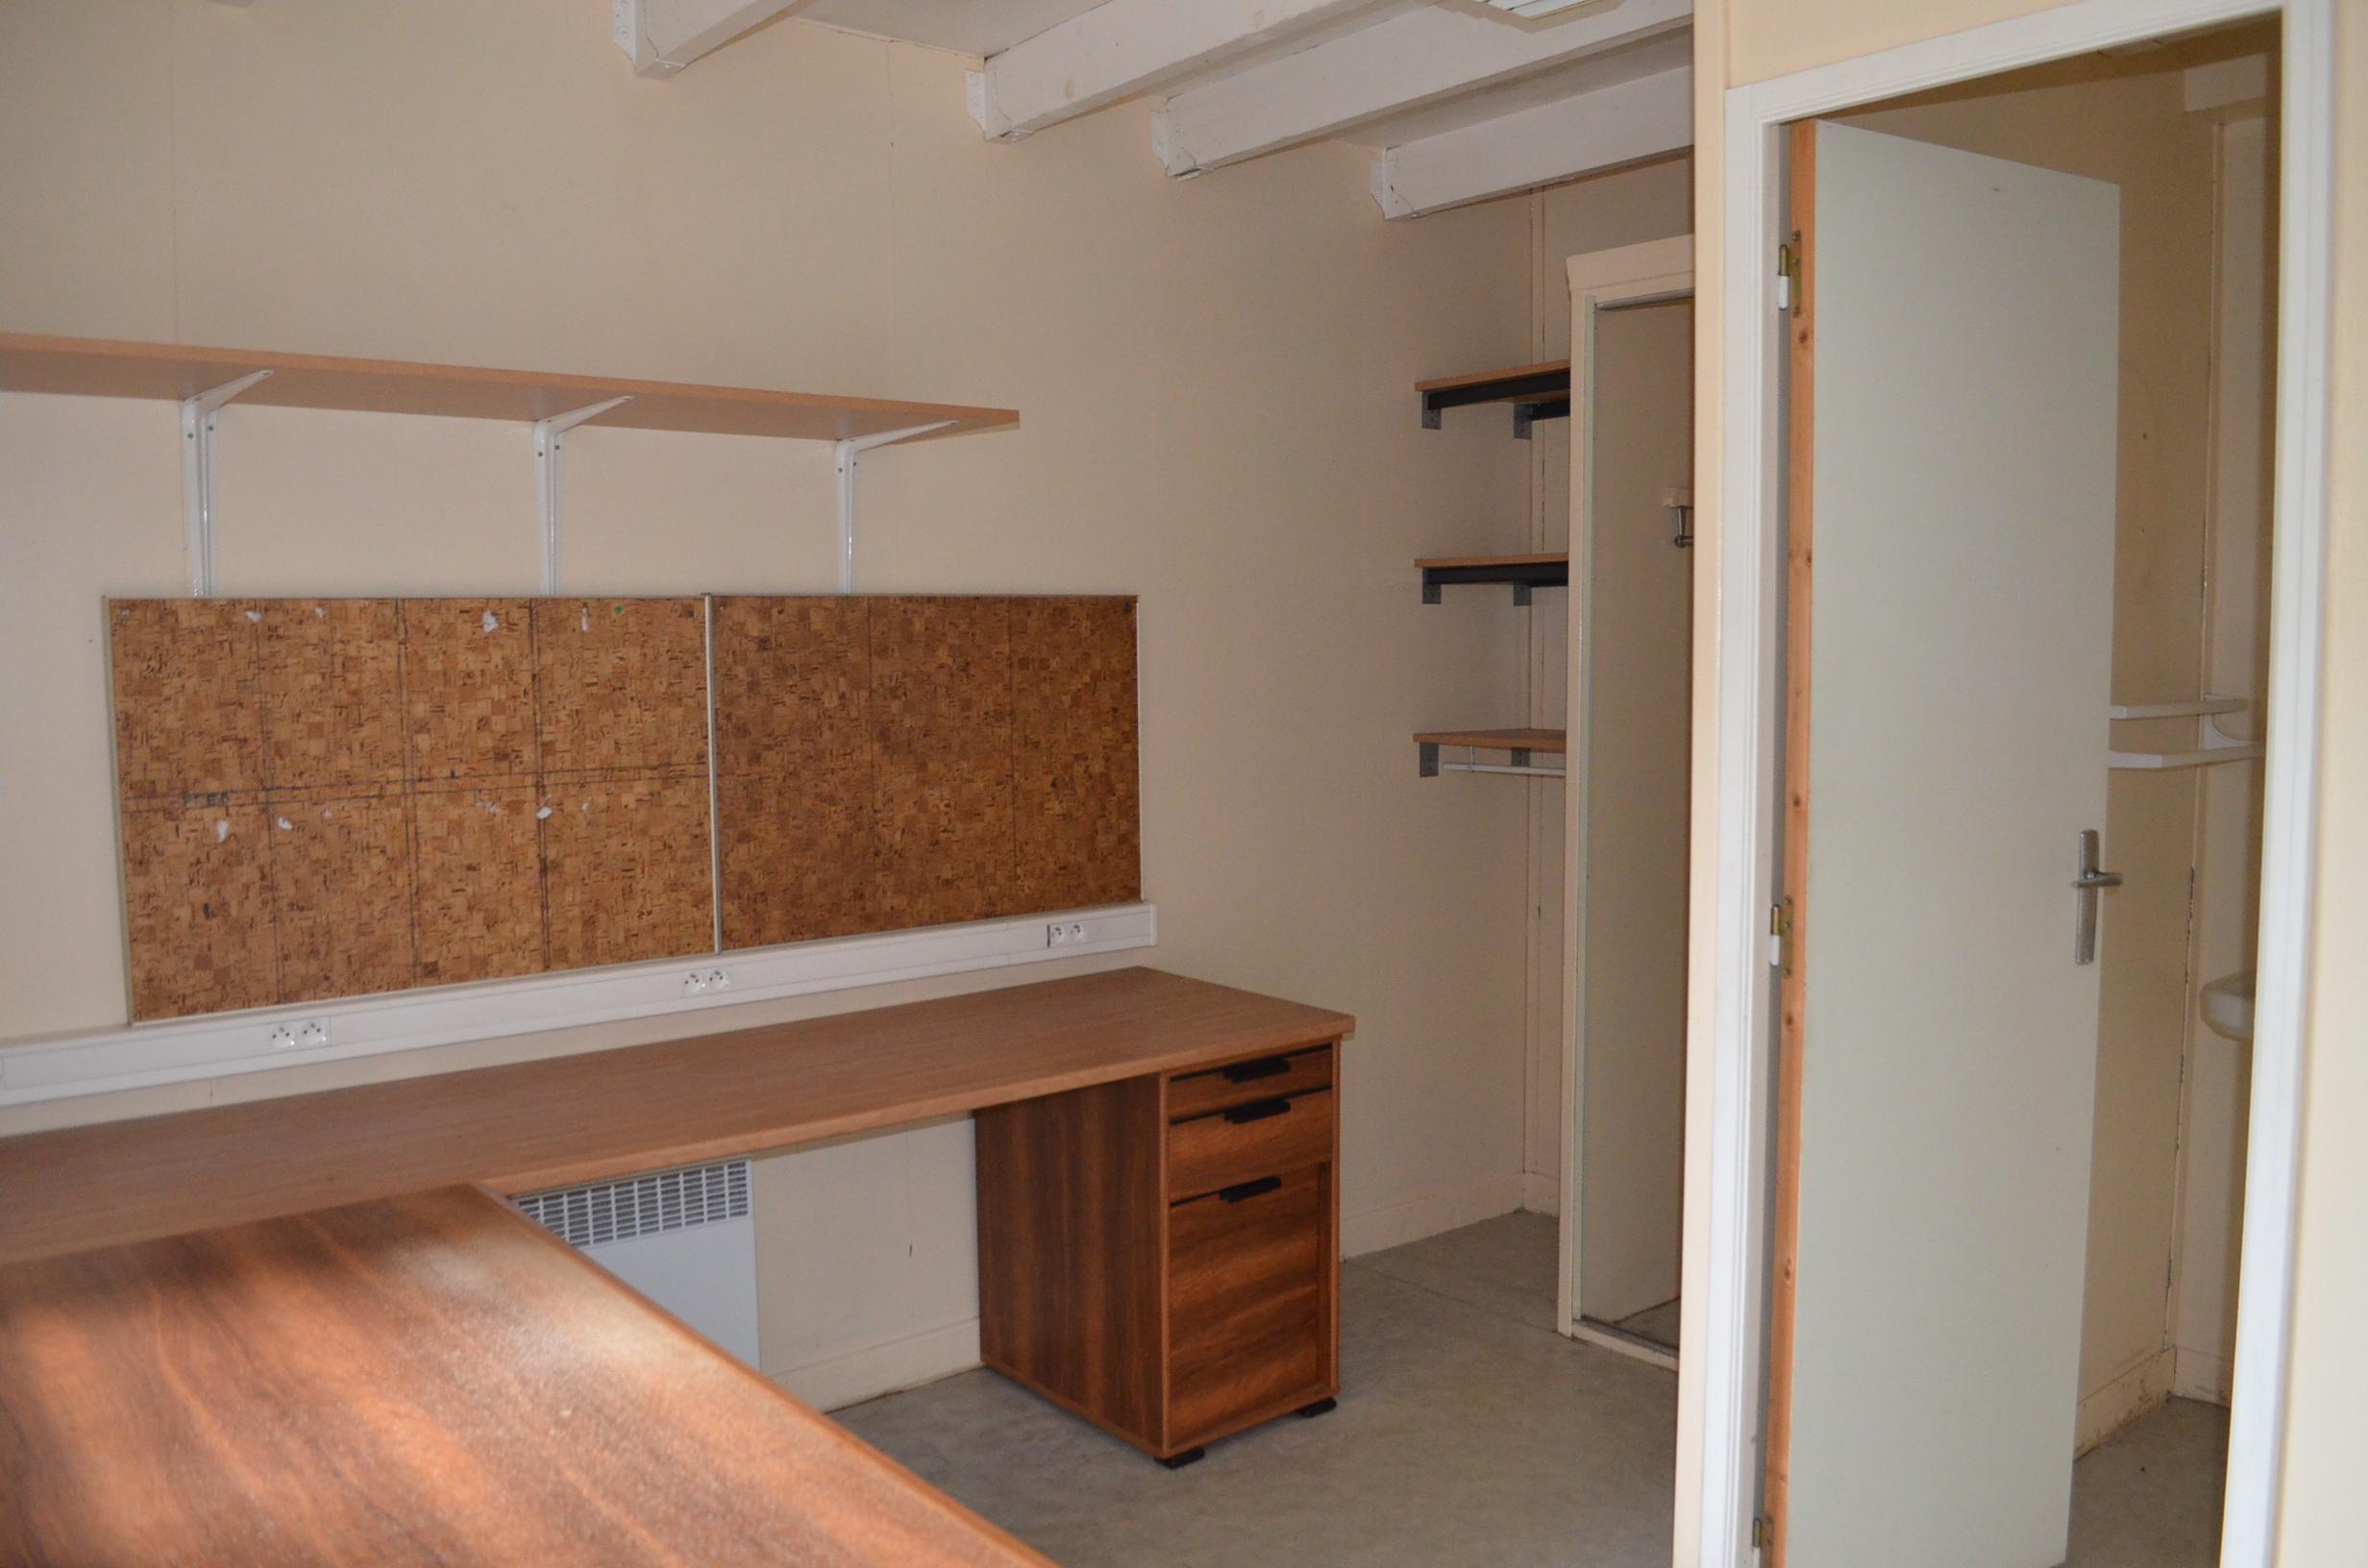 entrep t quimper ouest louer phenix transactions. Black Bedroom Furniture Sets. Home Design Ideas